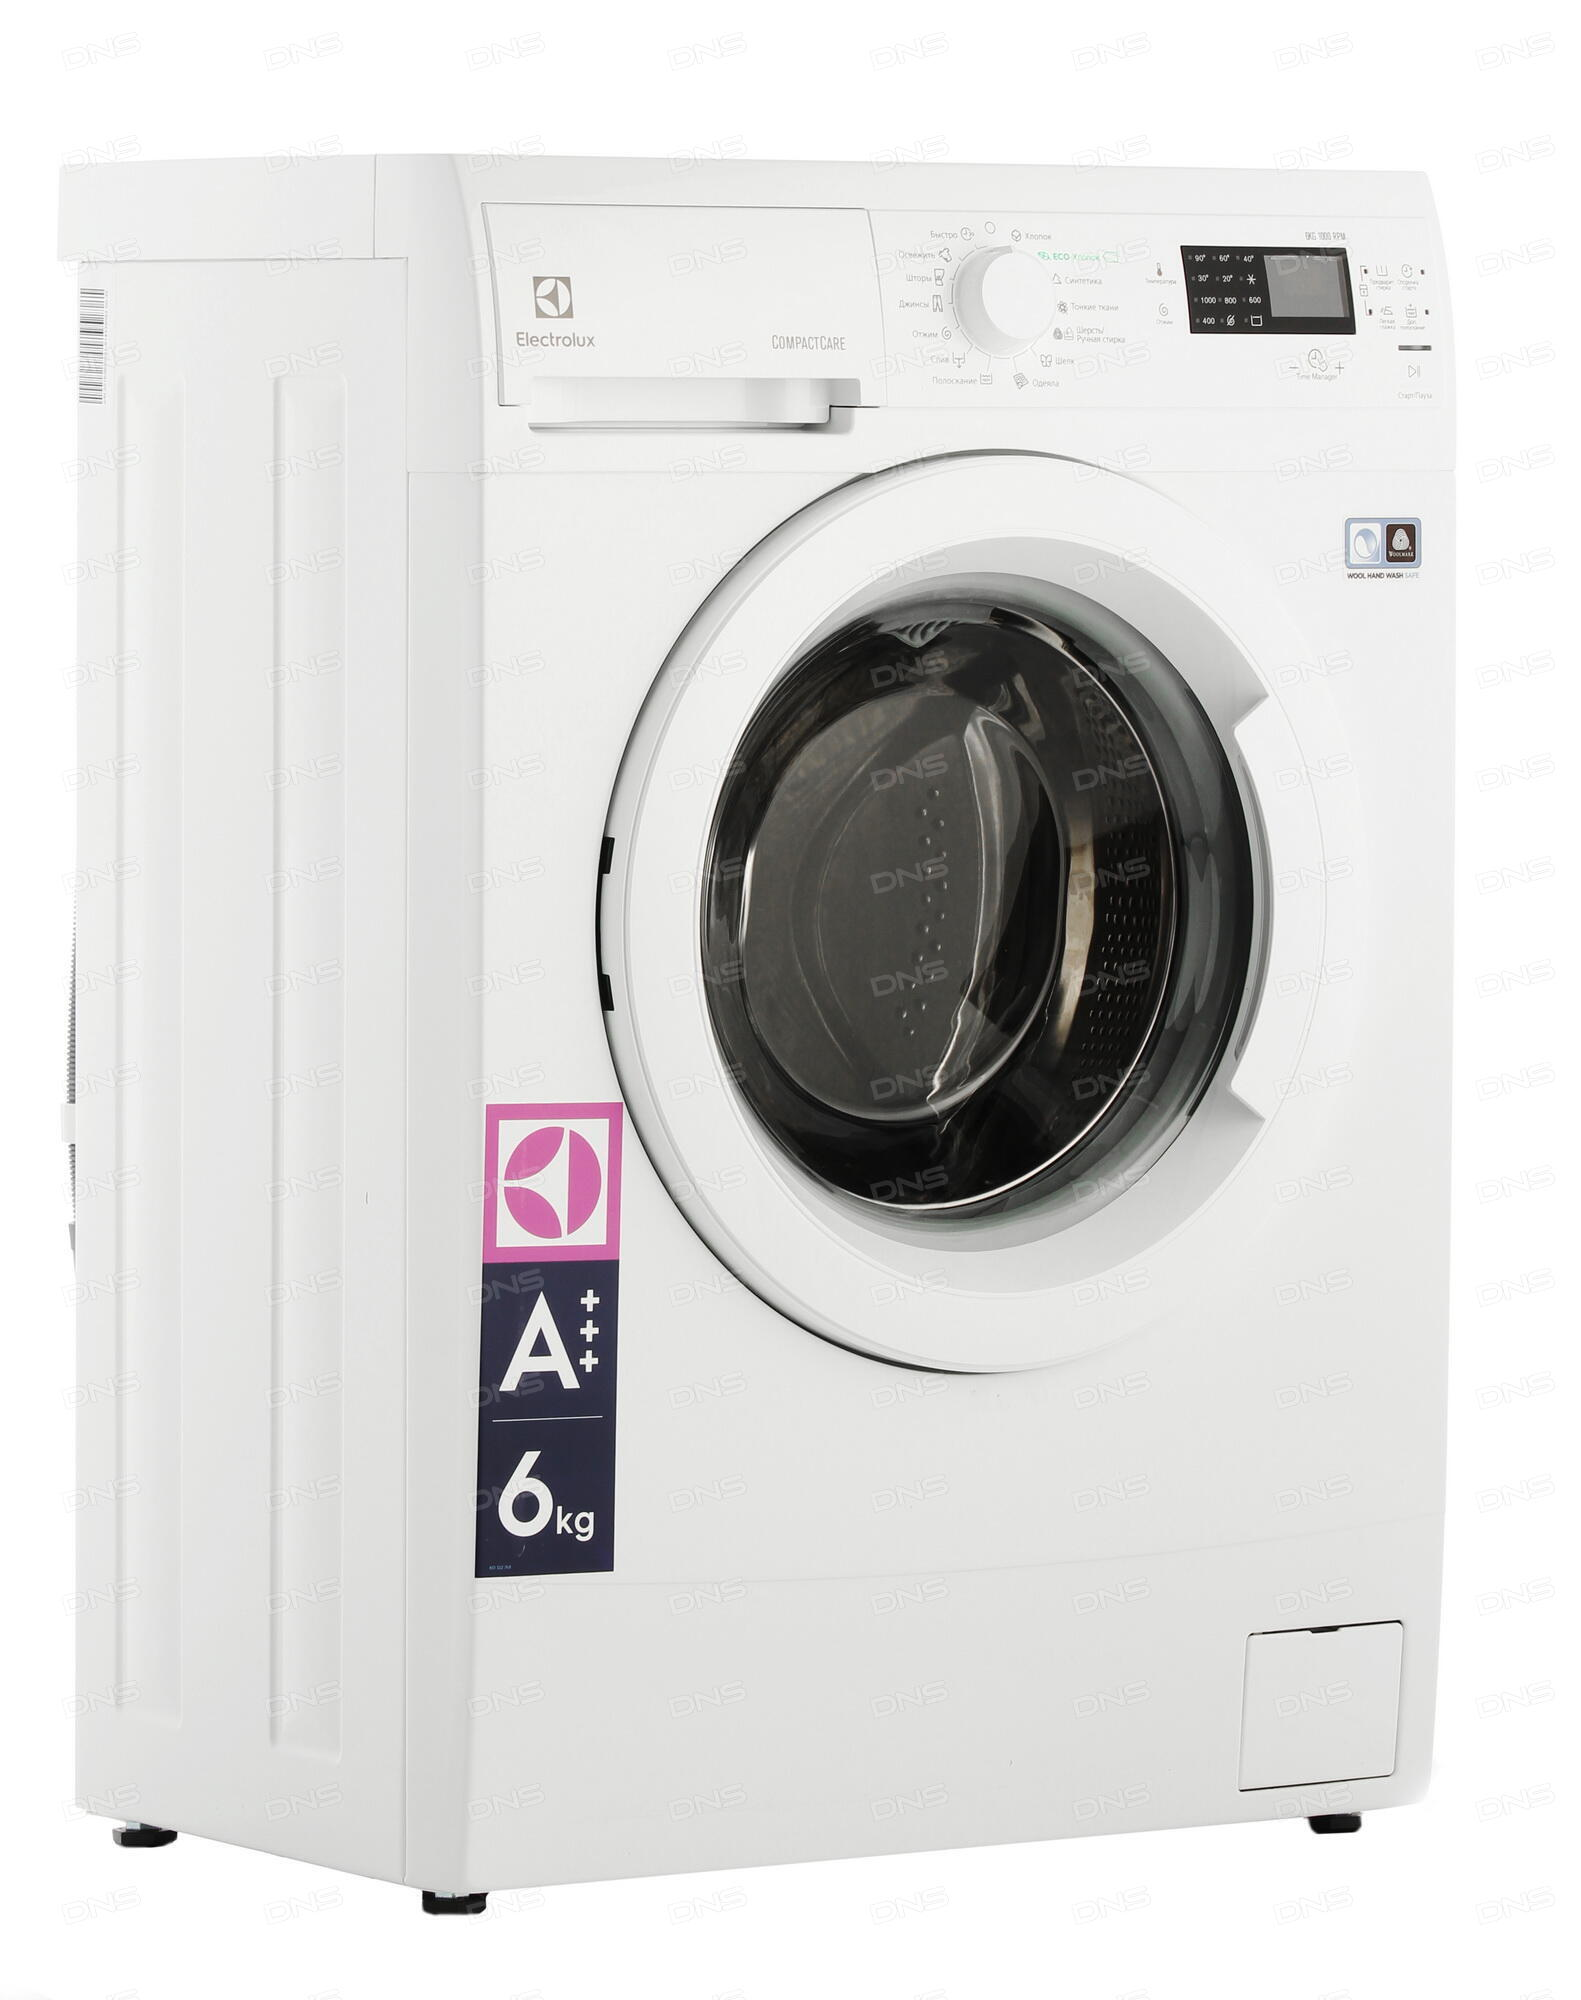 Ремонт стиральных машин electrolux Устьинская набережная сервисный центр стиральных машин бош Баррикадная